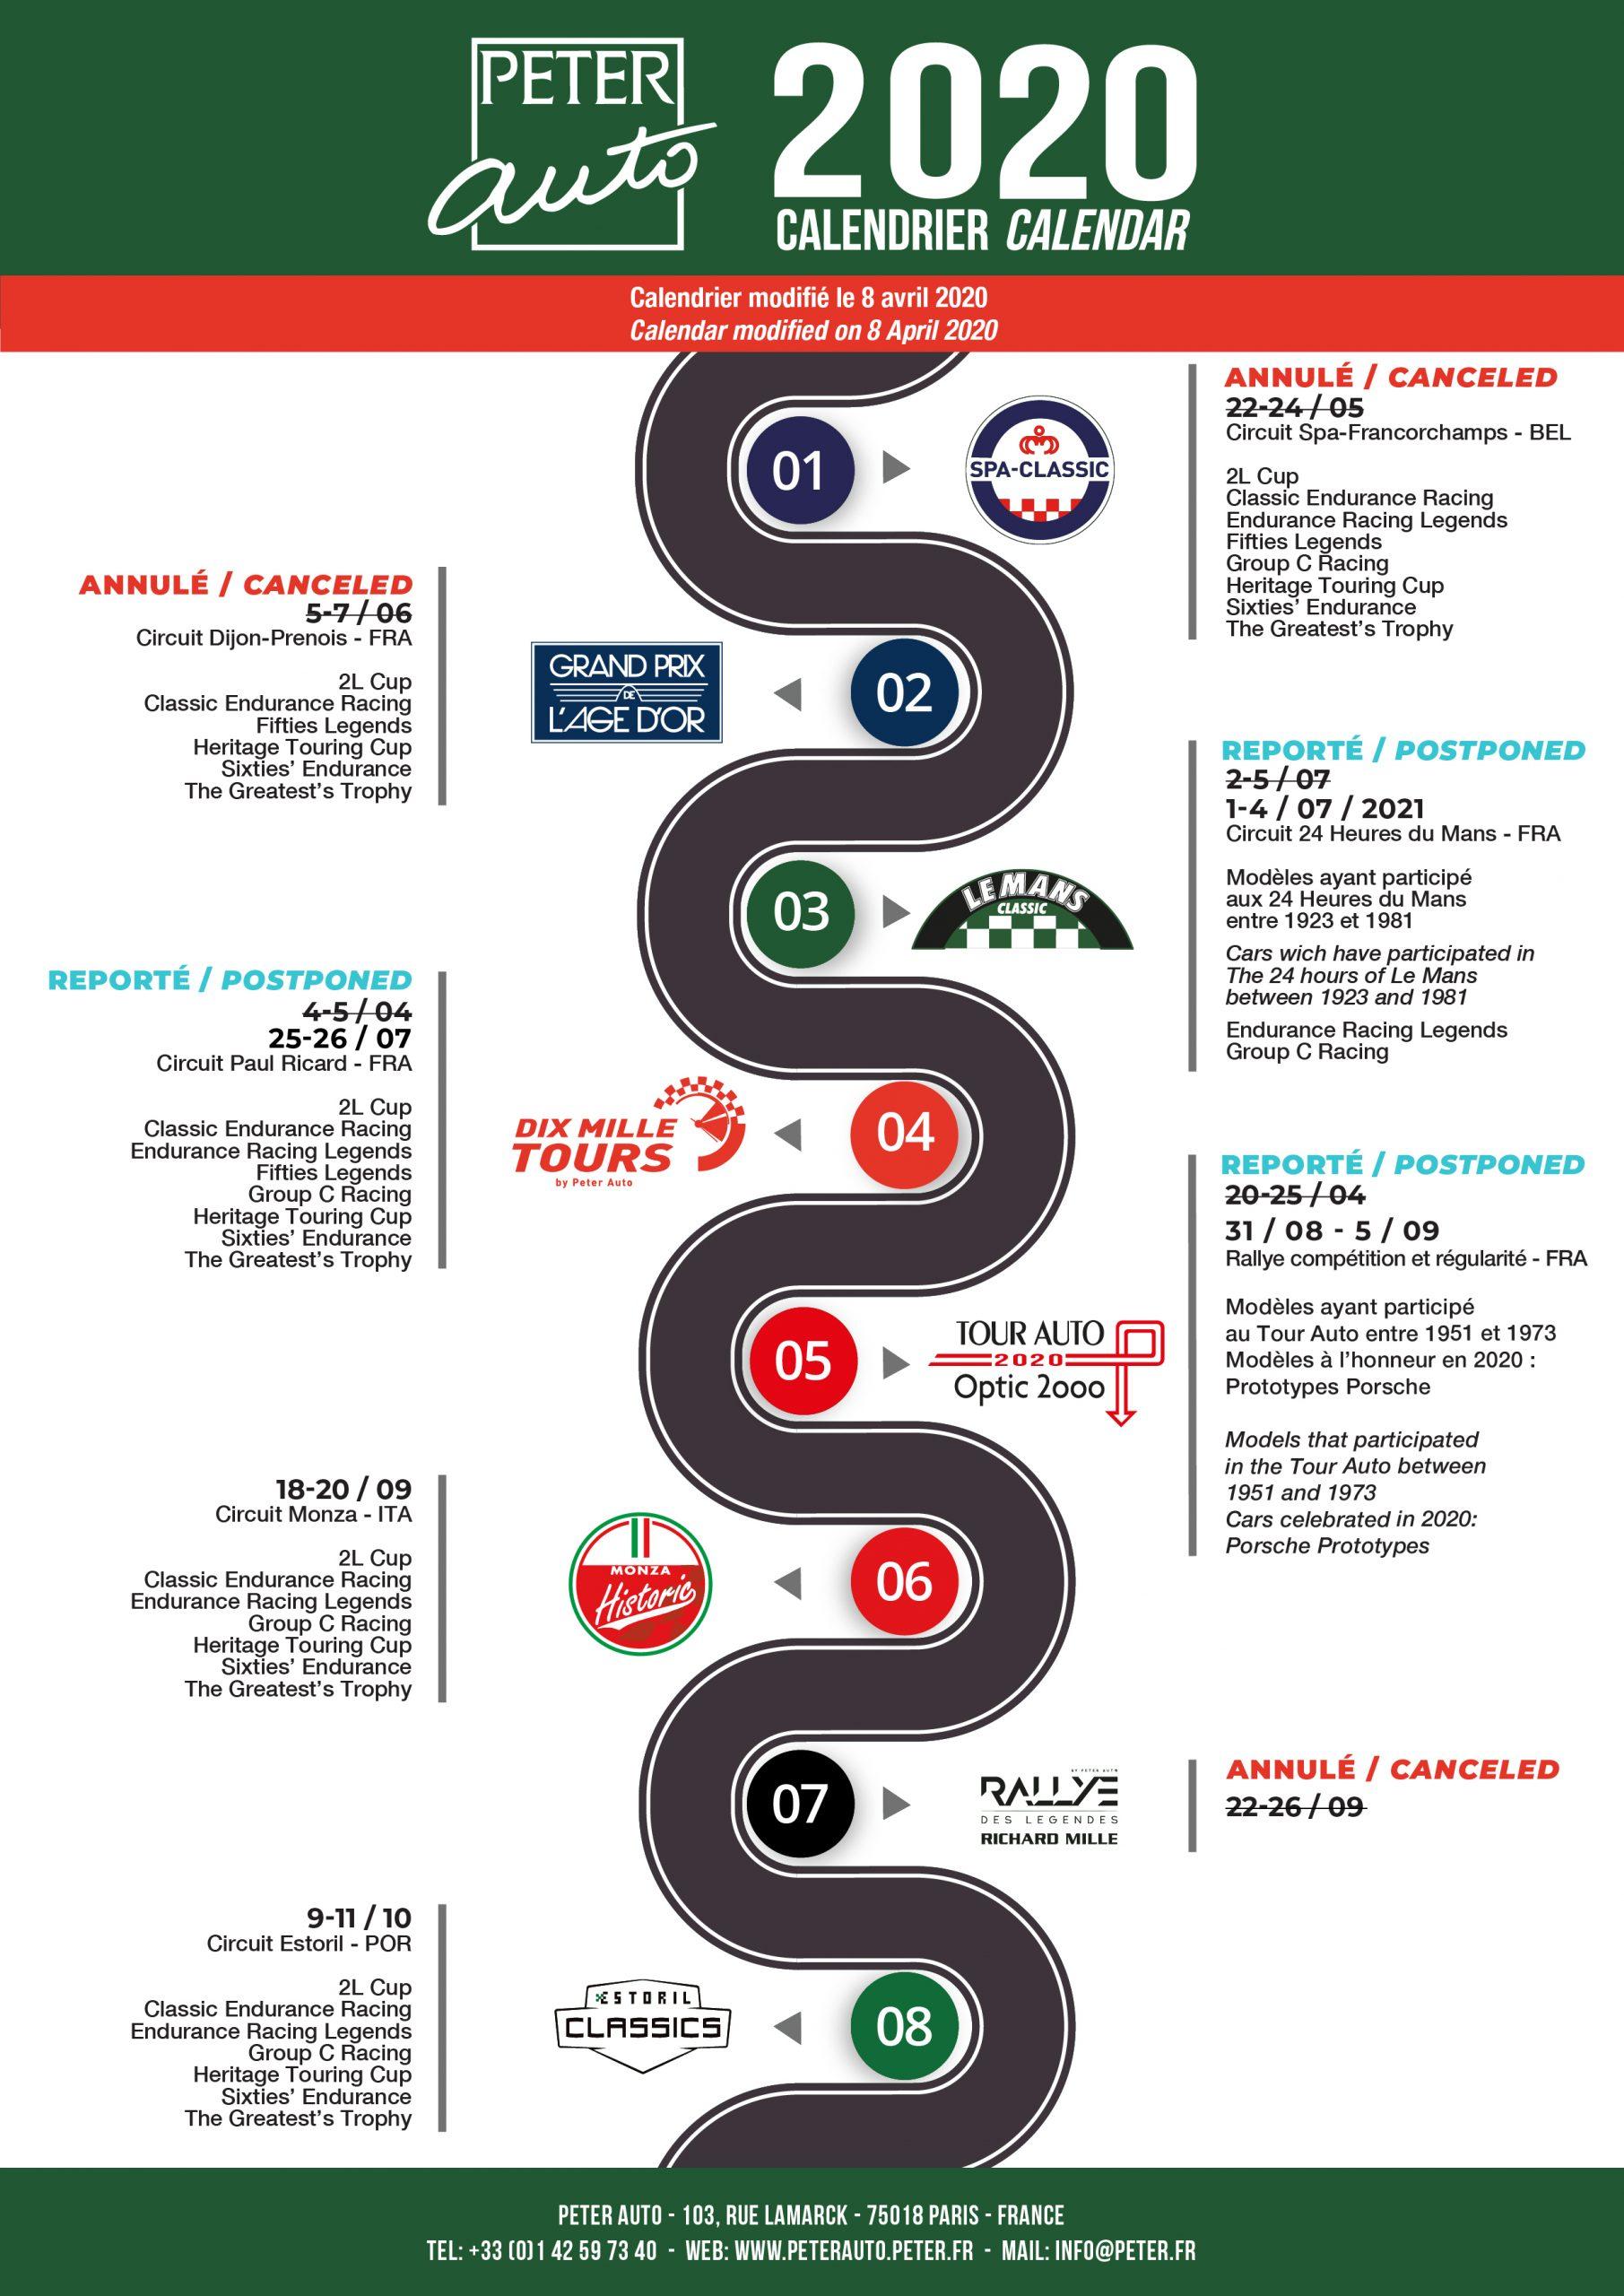 Le nouveau calendrier Peter Auto 2020